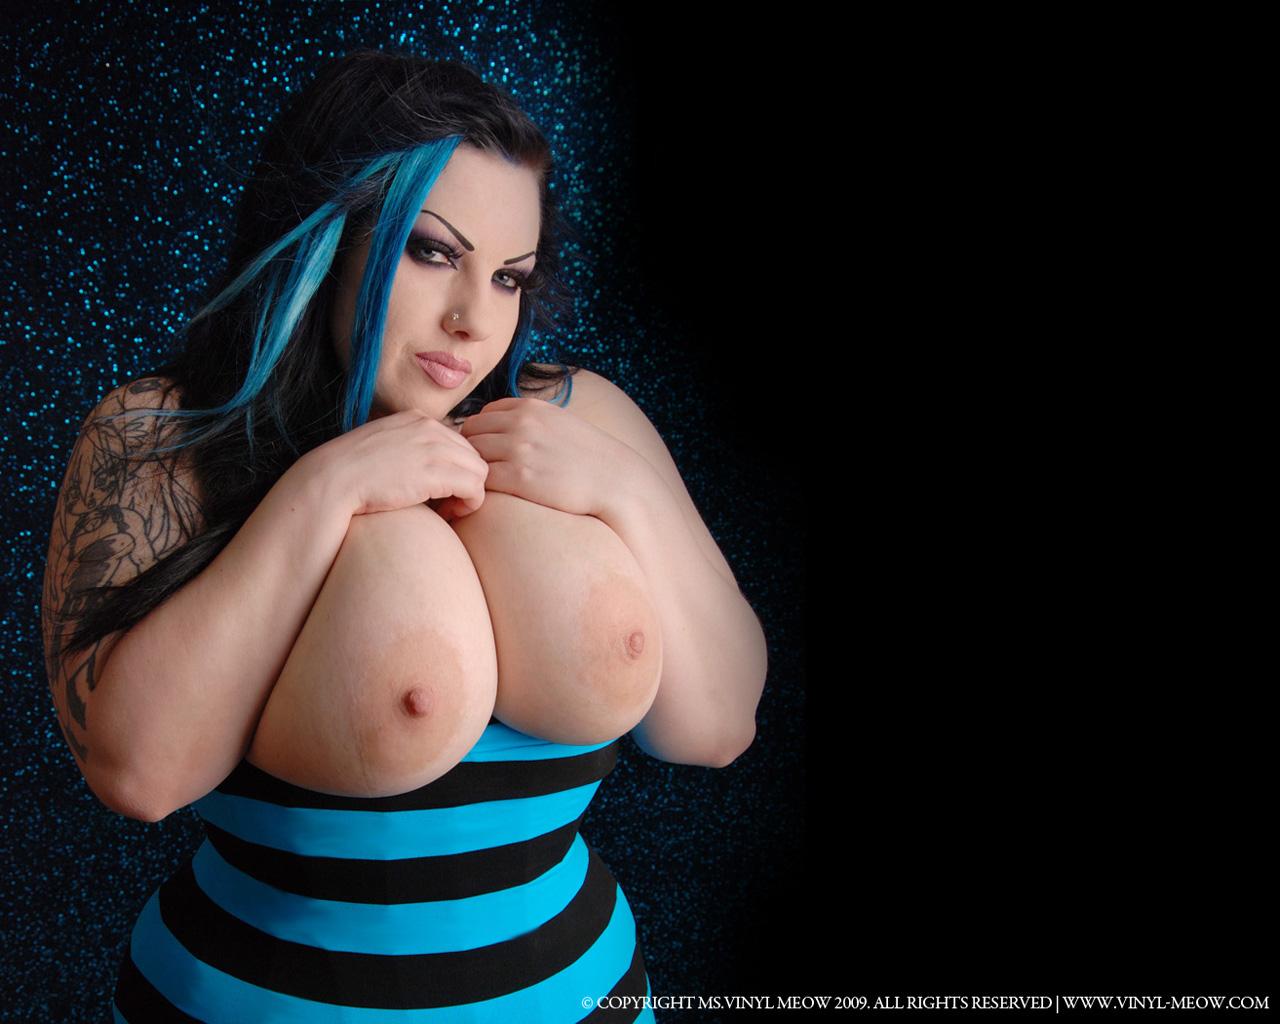 cosplay boobs tumblr